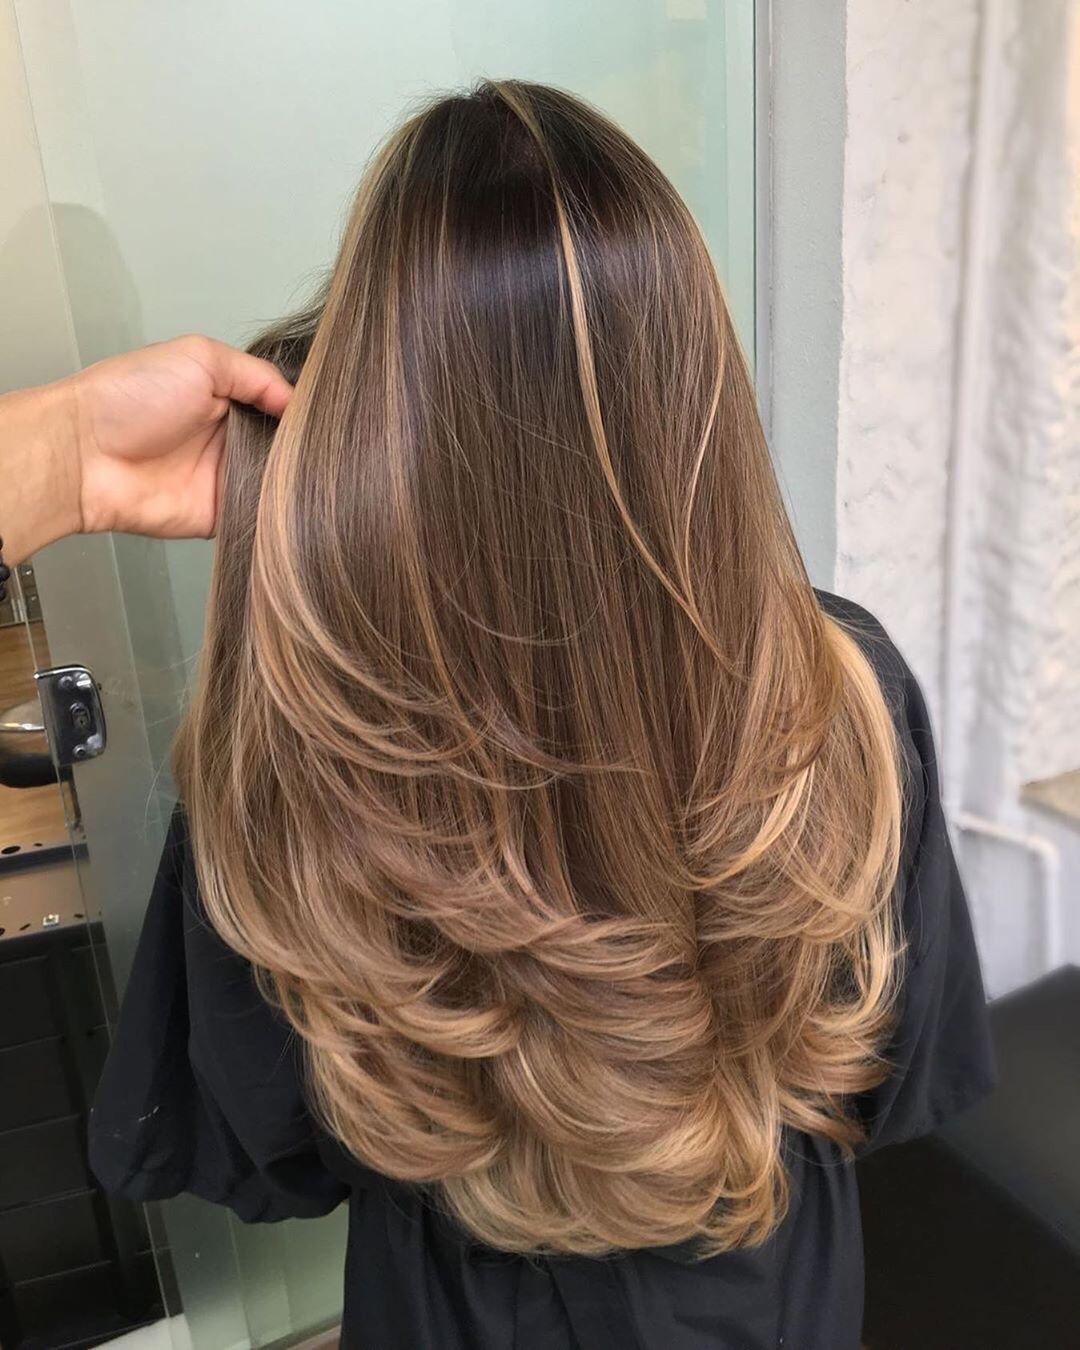 Все о редком мелировании: техника, особенности, варианты с фото. мелирование на темные волосы — отличная альтернатива окрашиванию